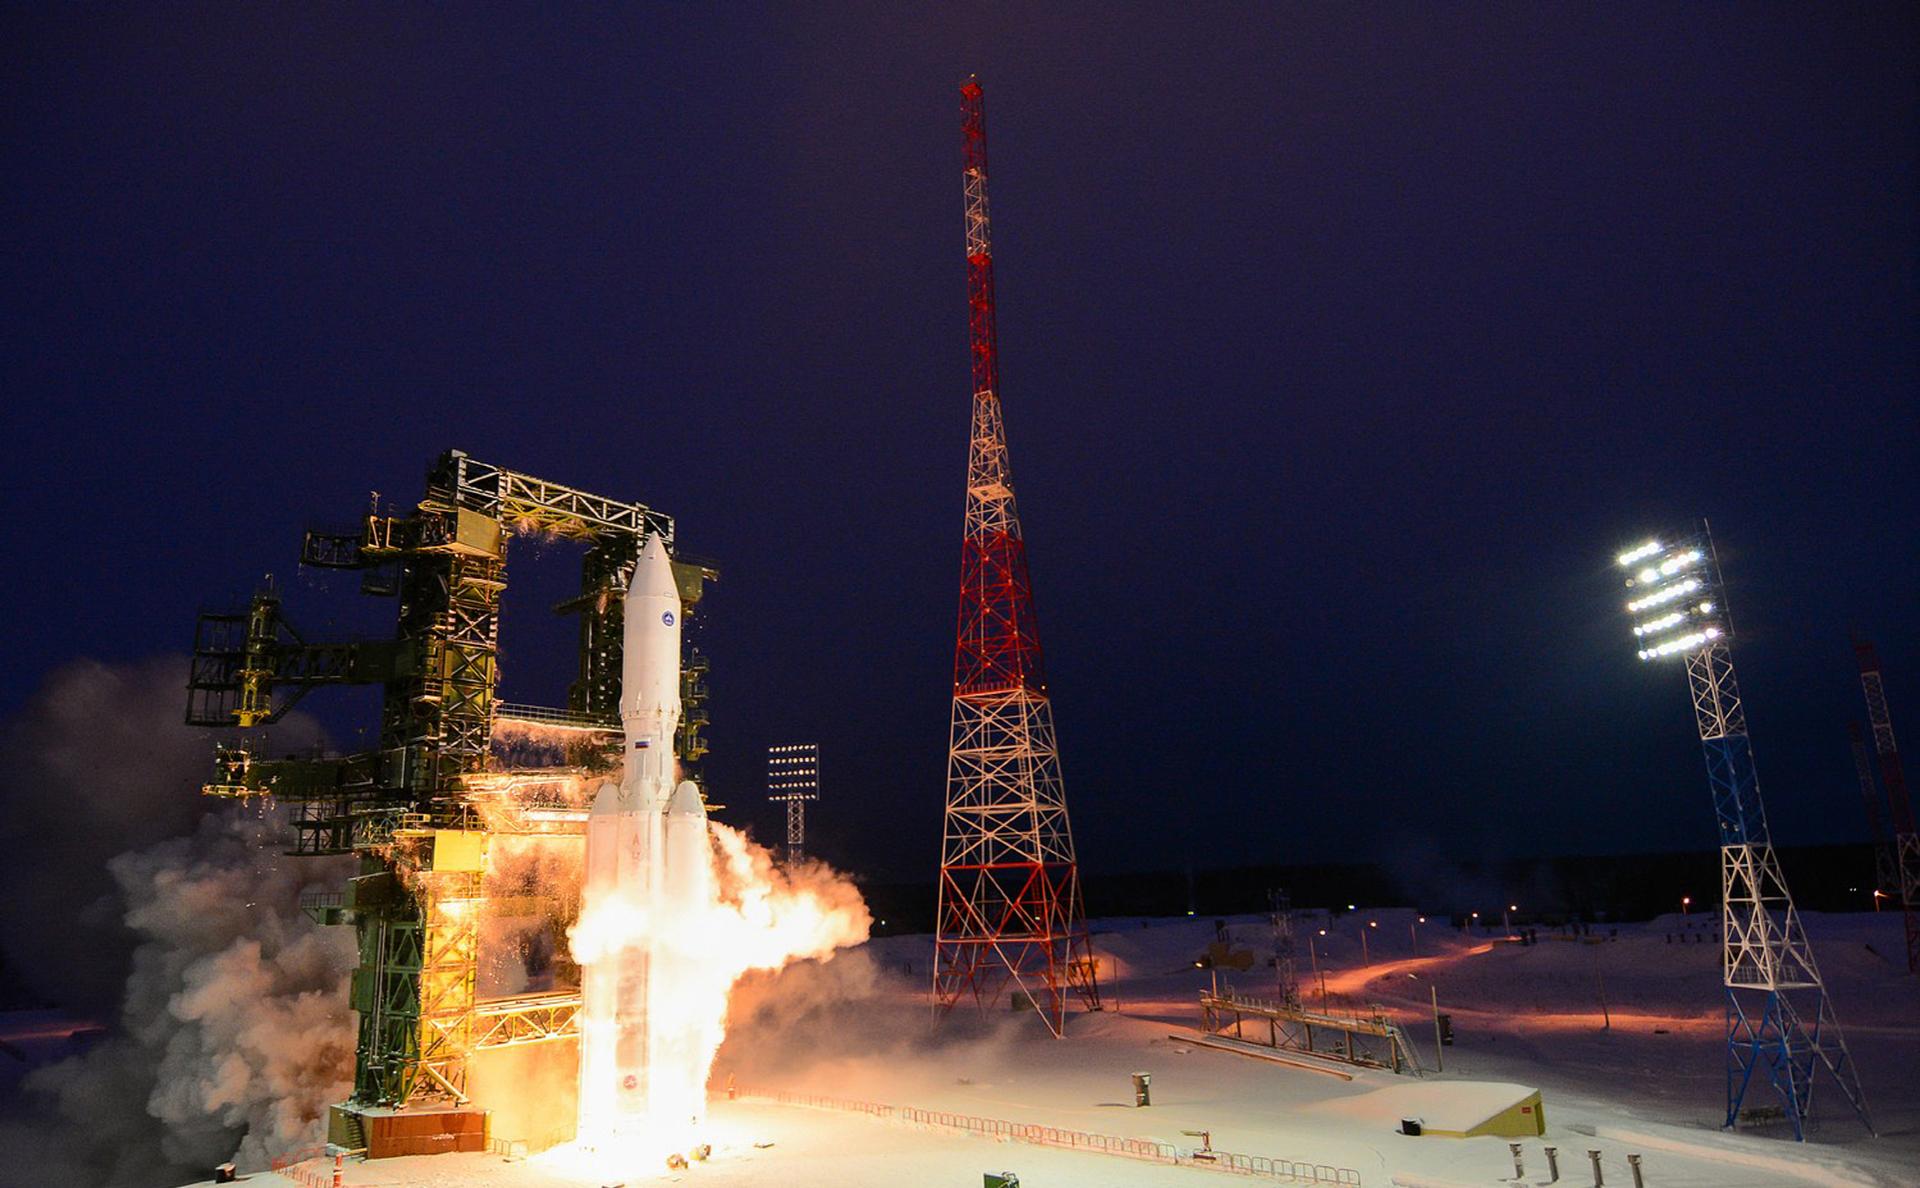 Фото: Пресс-служба МО РФ / РИА Новости